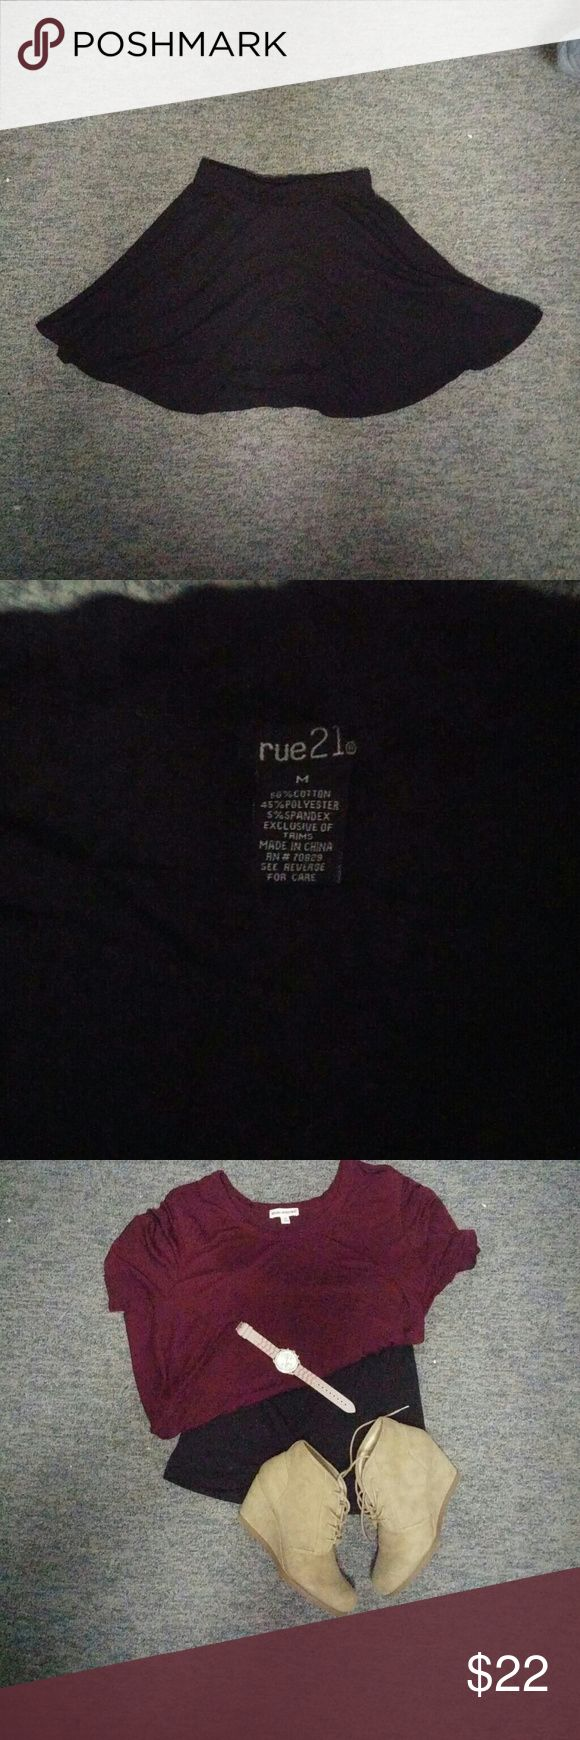 Black circle skirt, medium Skater skirt, all black. Great condition. Rue 21 Skirts Circle & Skater